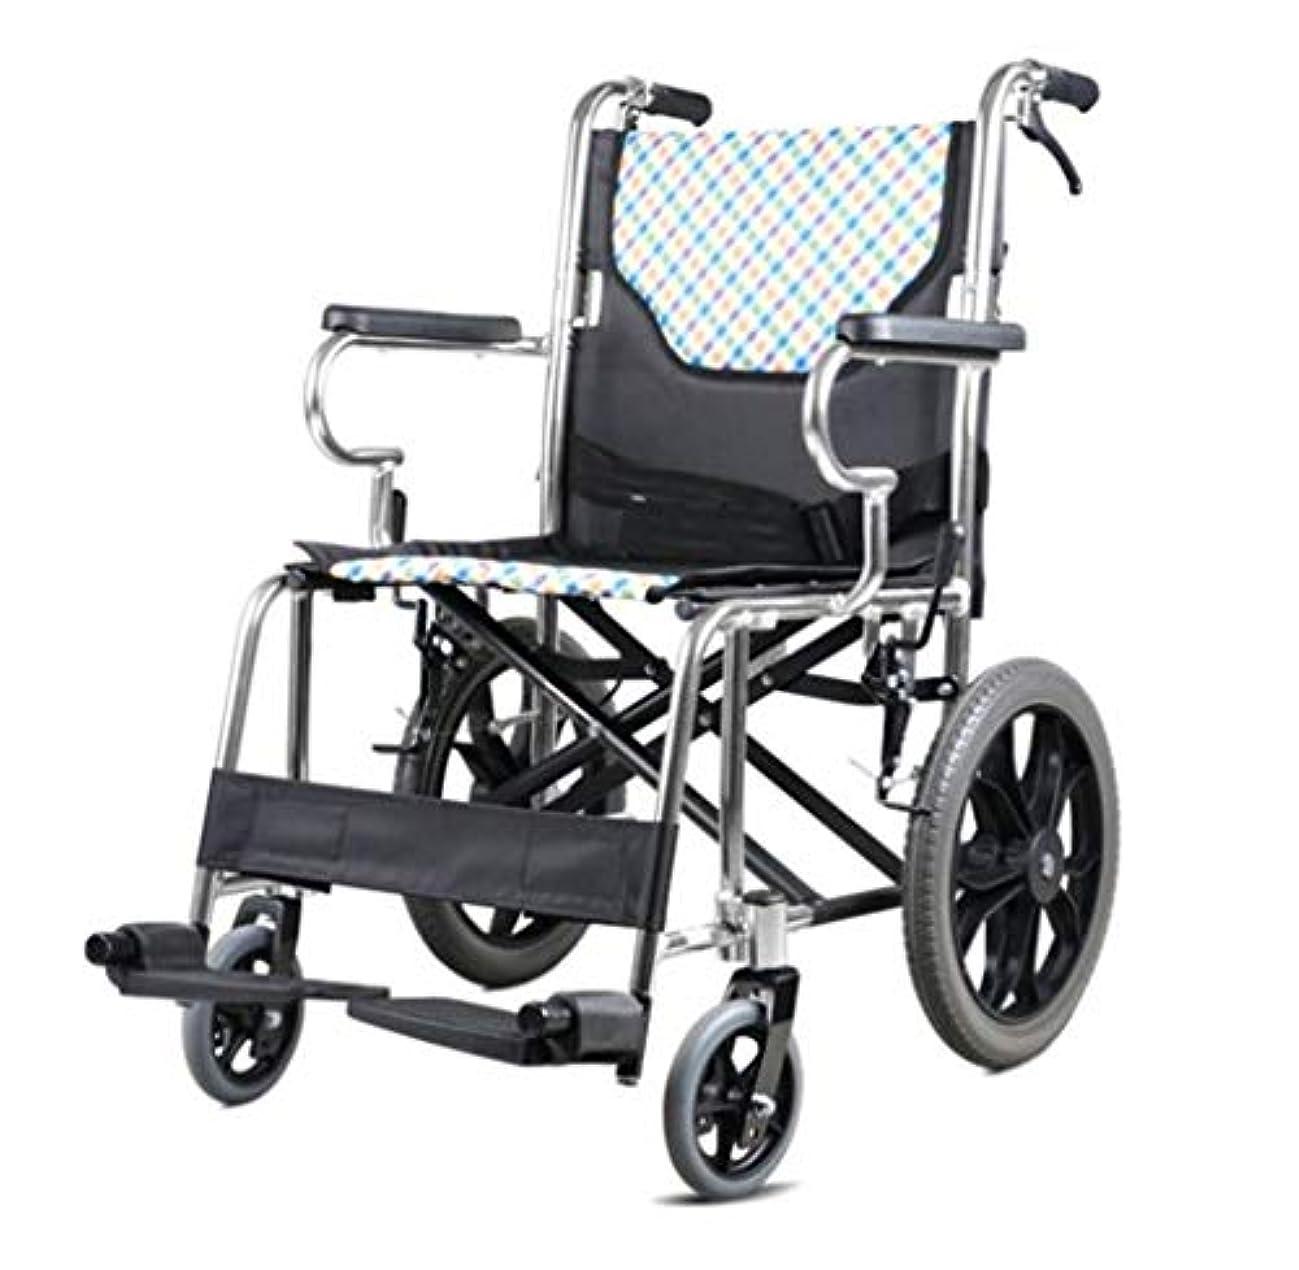 干渉建築家継続中車椅子用トロリー折りたたみ式、高齢者用トロリー、身体障害者用車椅子、容量100 Kg